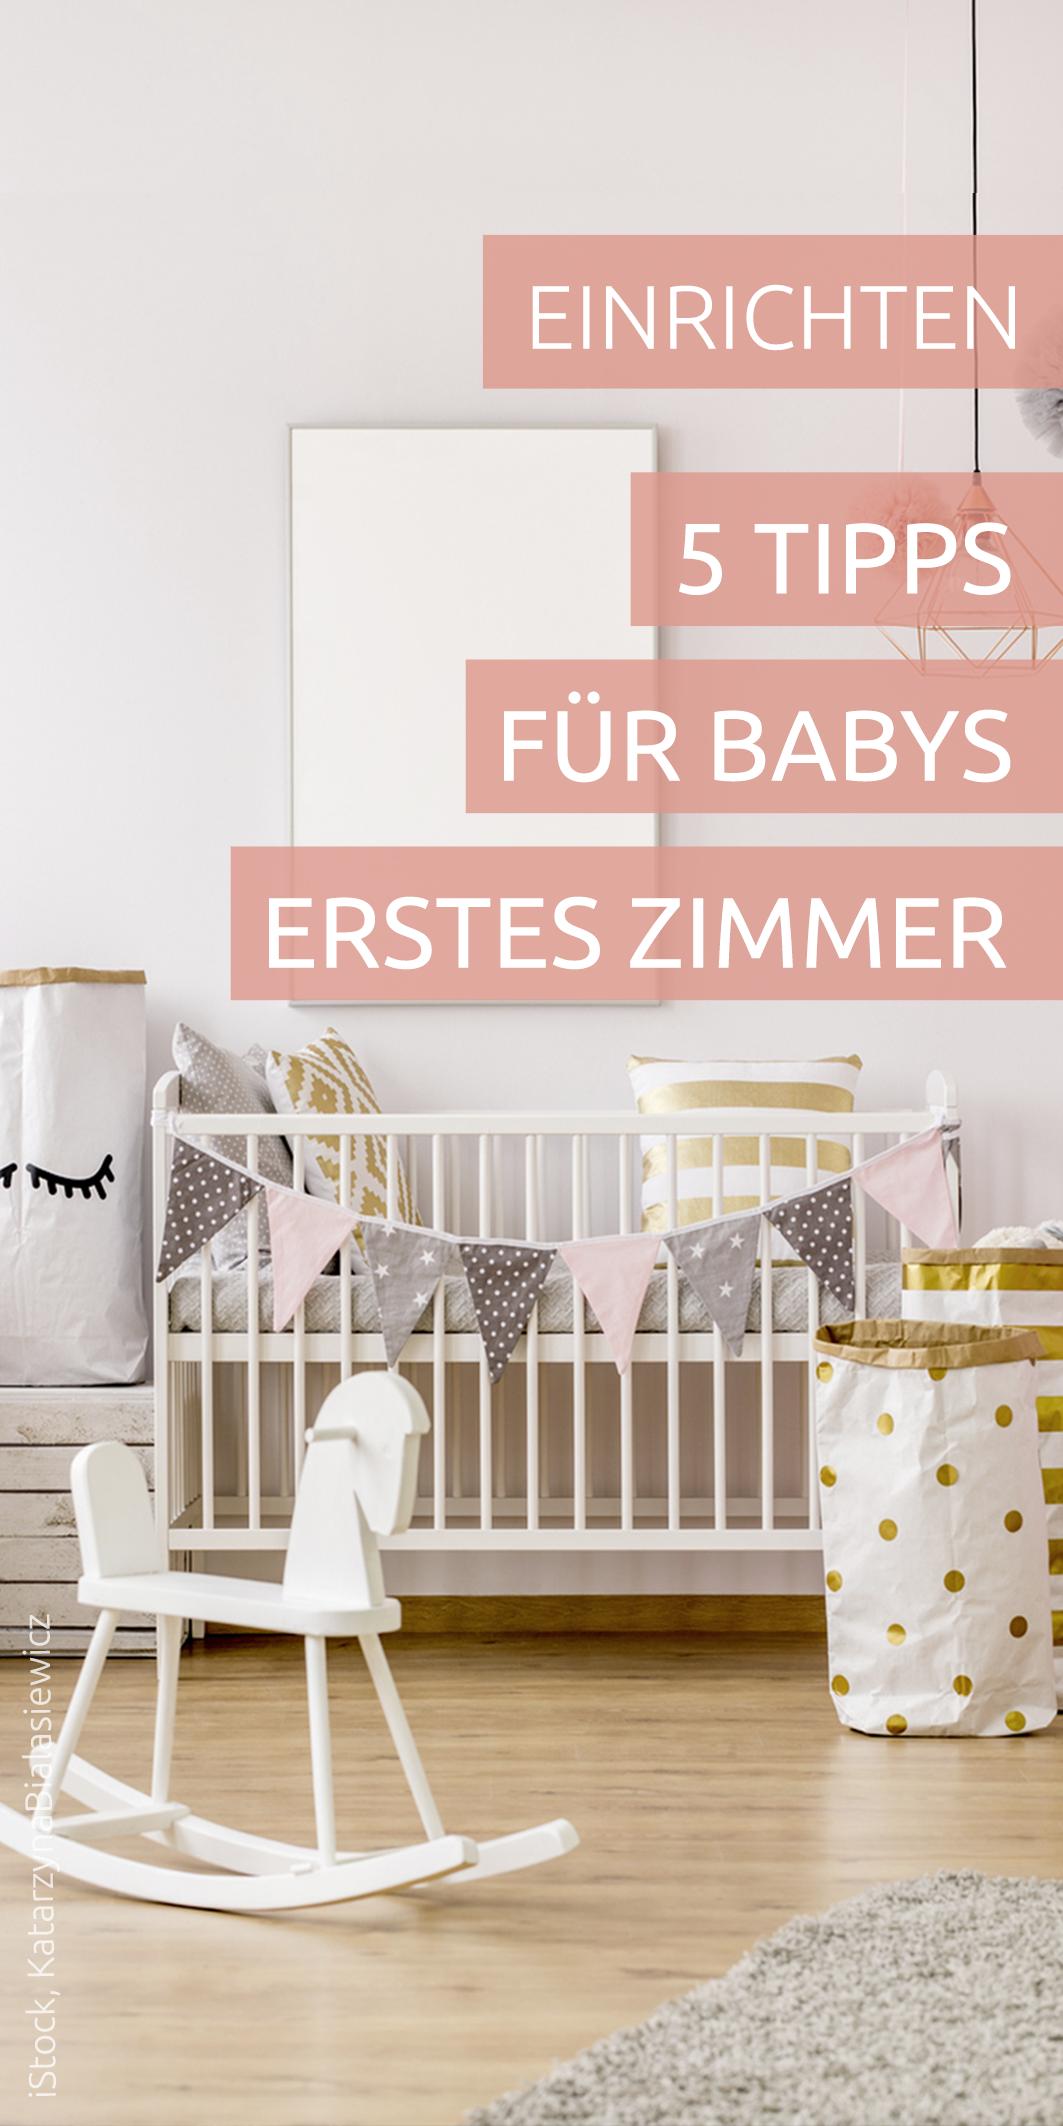 Babyzimmer einrichten: Was muss ich beachten? | Wohnen mit Kindern ...